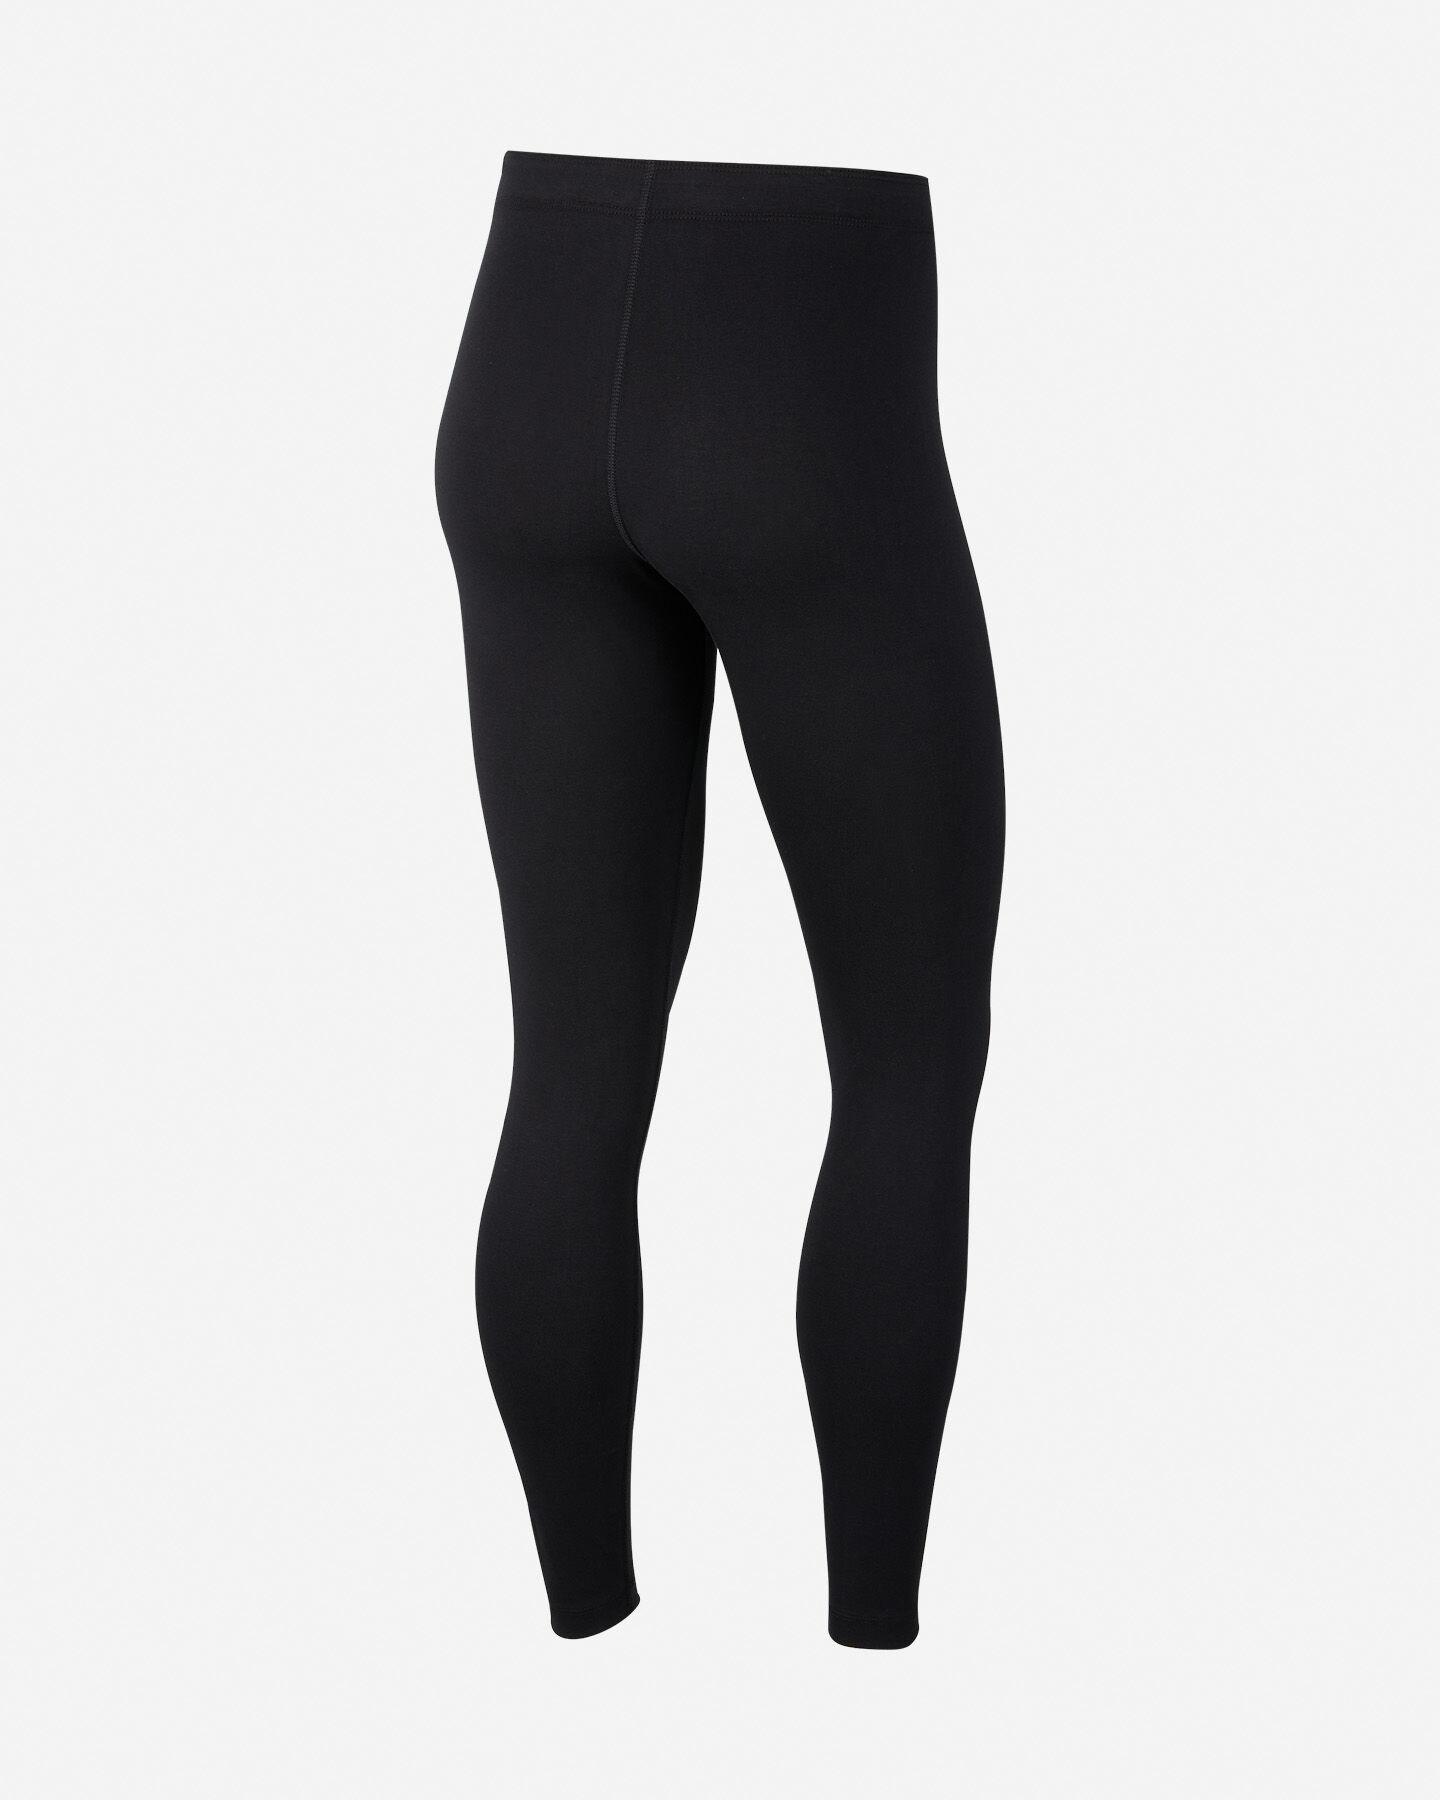 Leggings NIKE ICON CLASH W S5249219 scatto 1